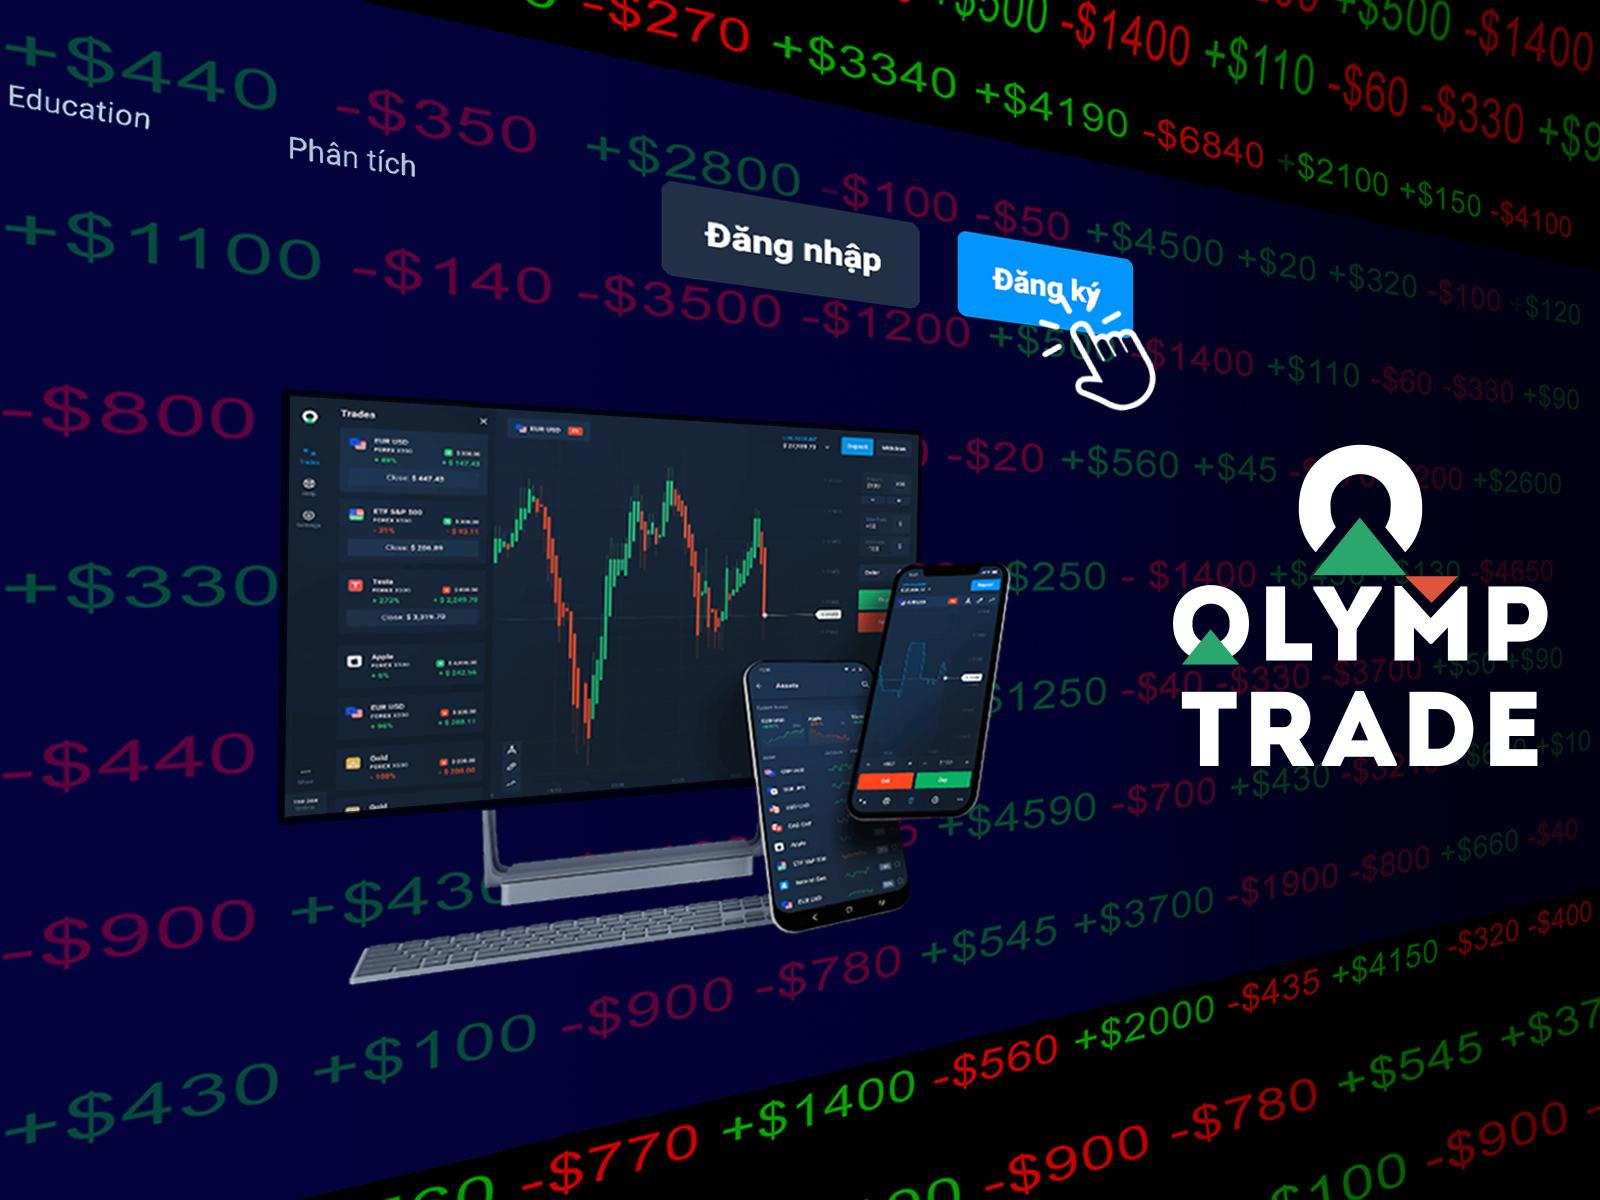 Hướng dẫn tạo tài khoản Olymp Trade trên Traderrr